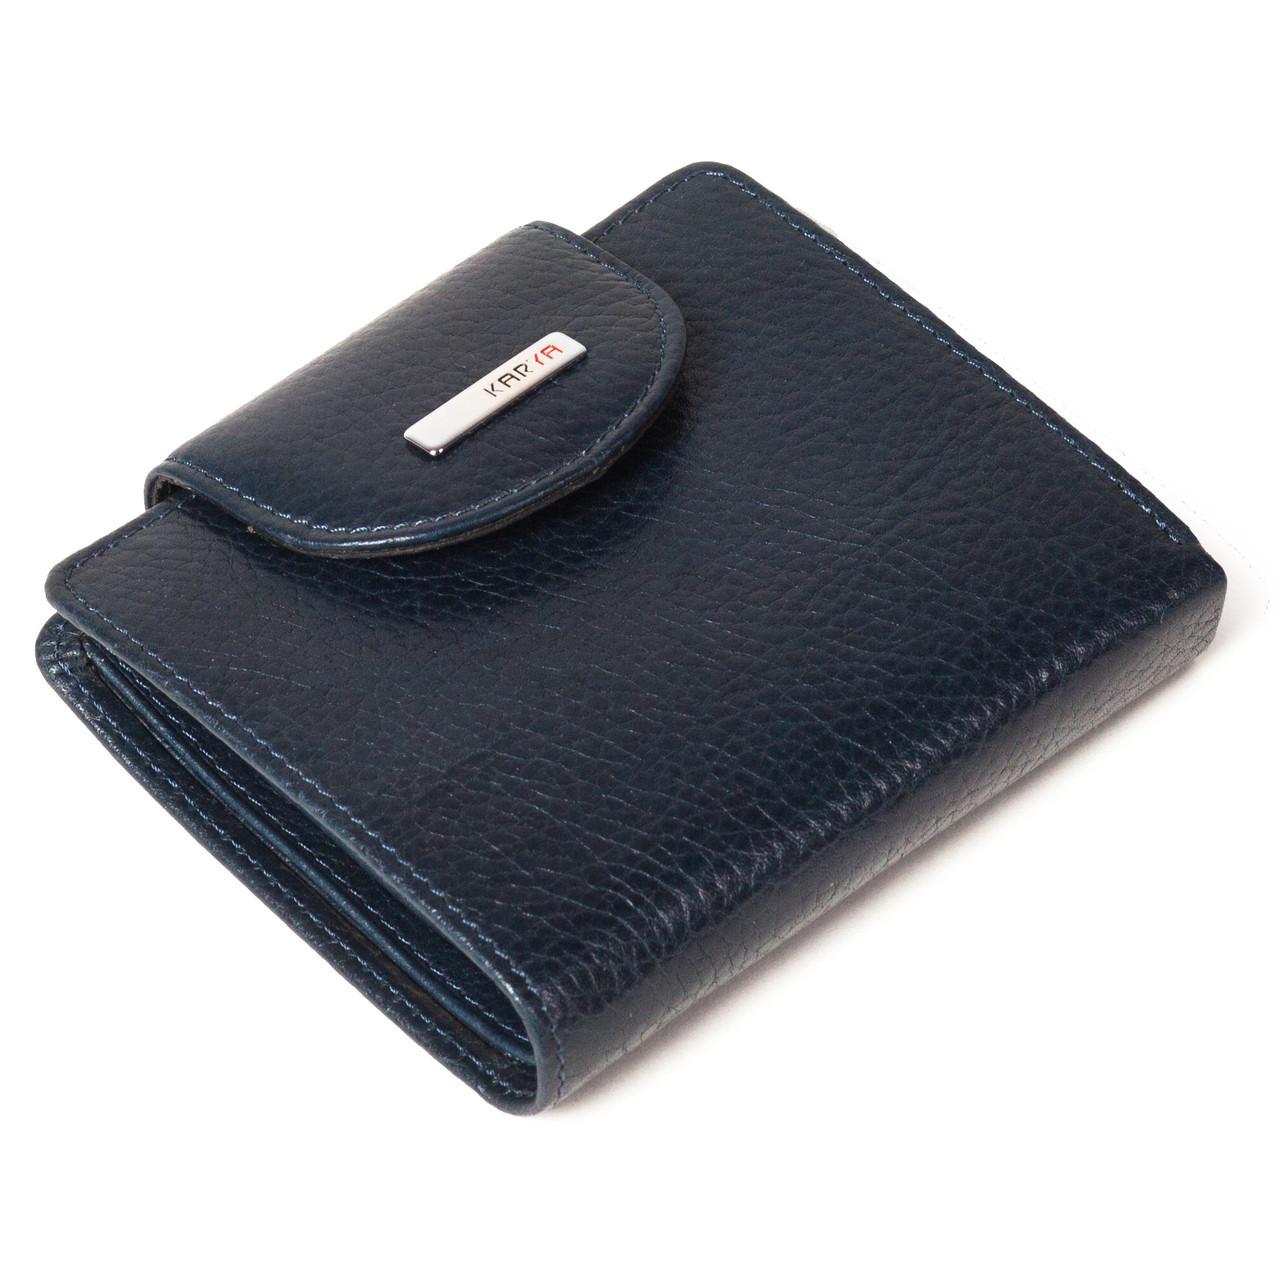 f519c64511f8 Купить сейчас - Маленький женский кошелек кожаный синий Karya 1052 ...